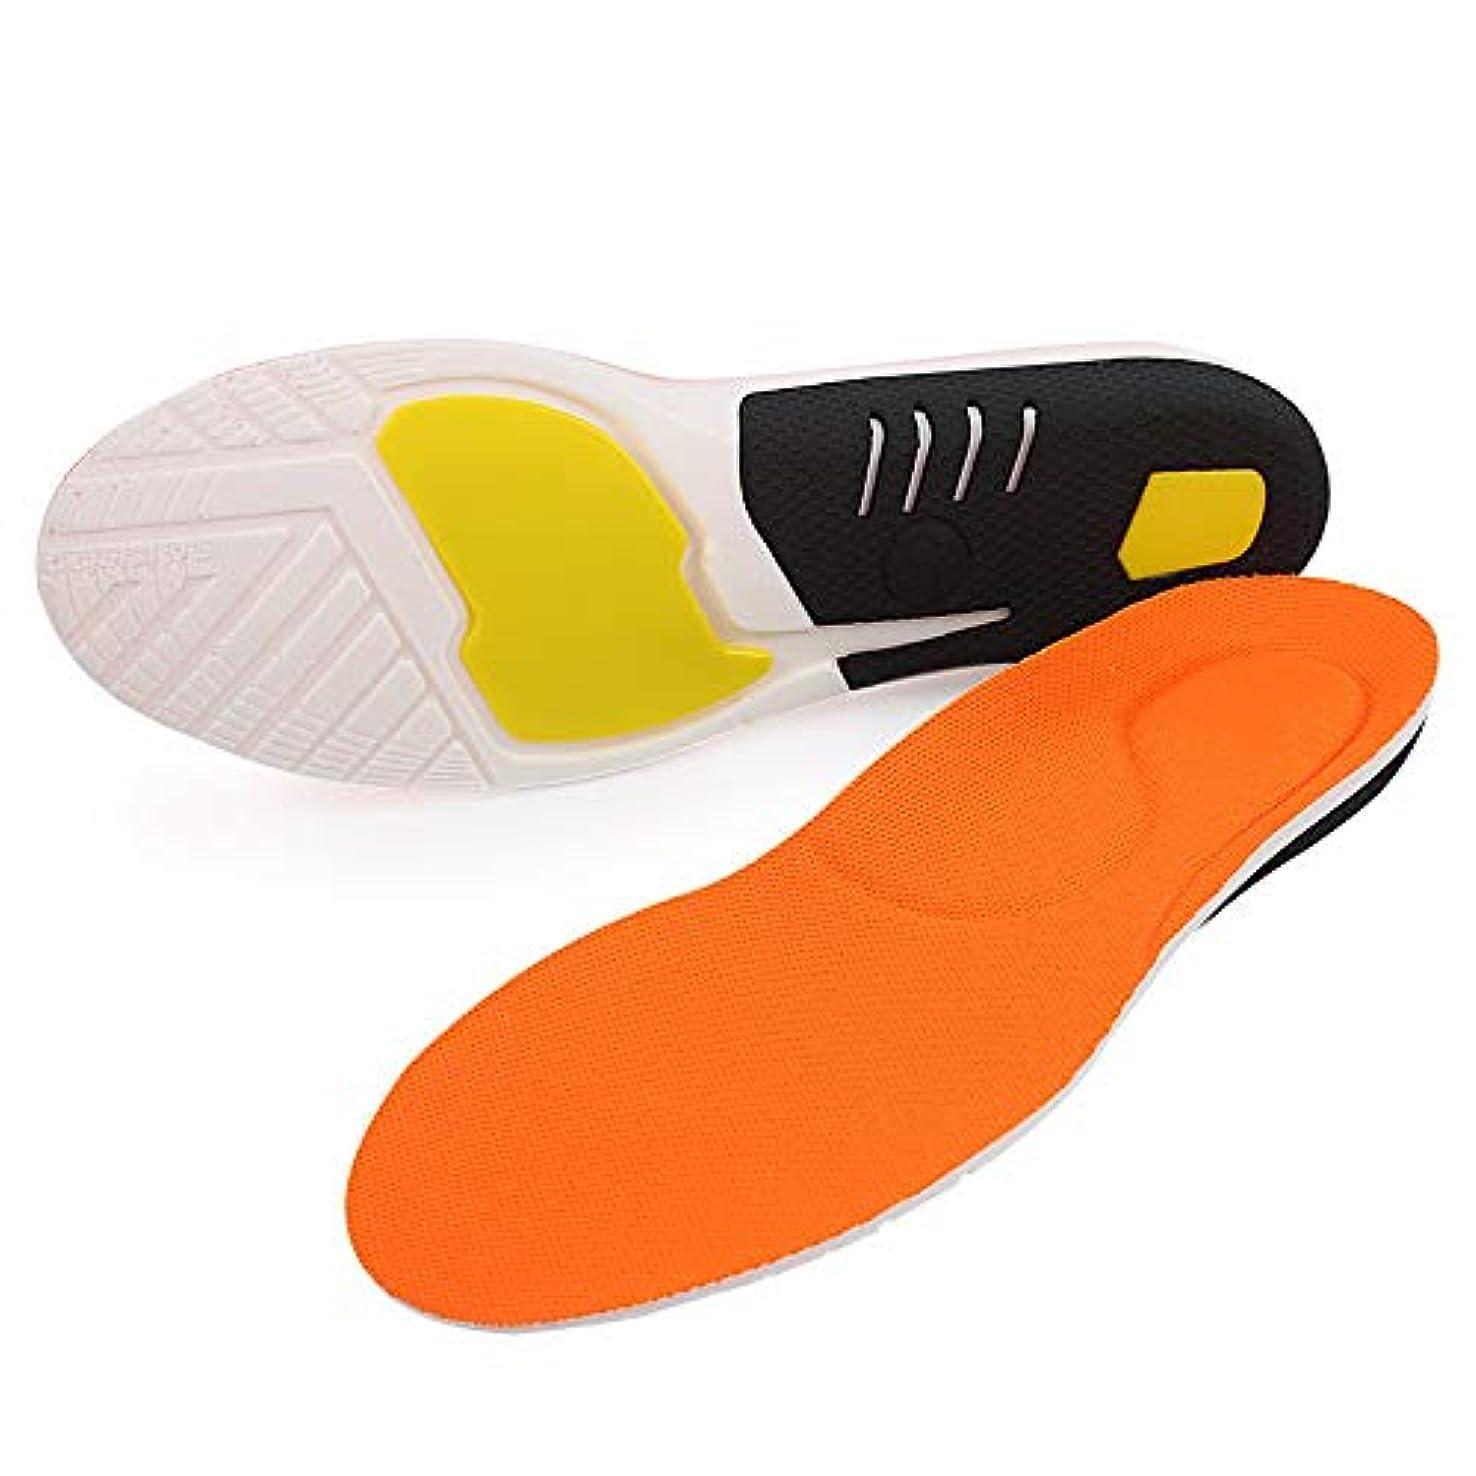 投票手書き無駄にスポーツインソールフットマッサージ装具インソール汗を吸収ソフト厚く通気性を解放フィットネス、ランニング、テニスのための足底圧切断可能,S